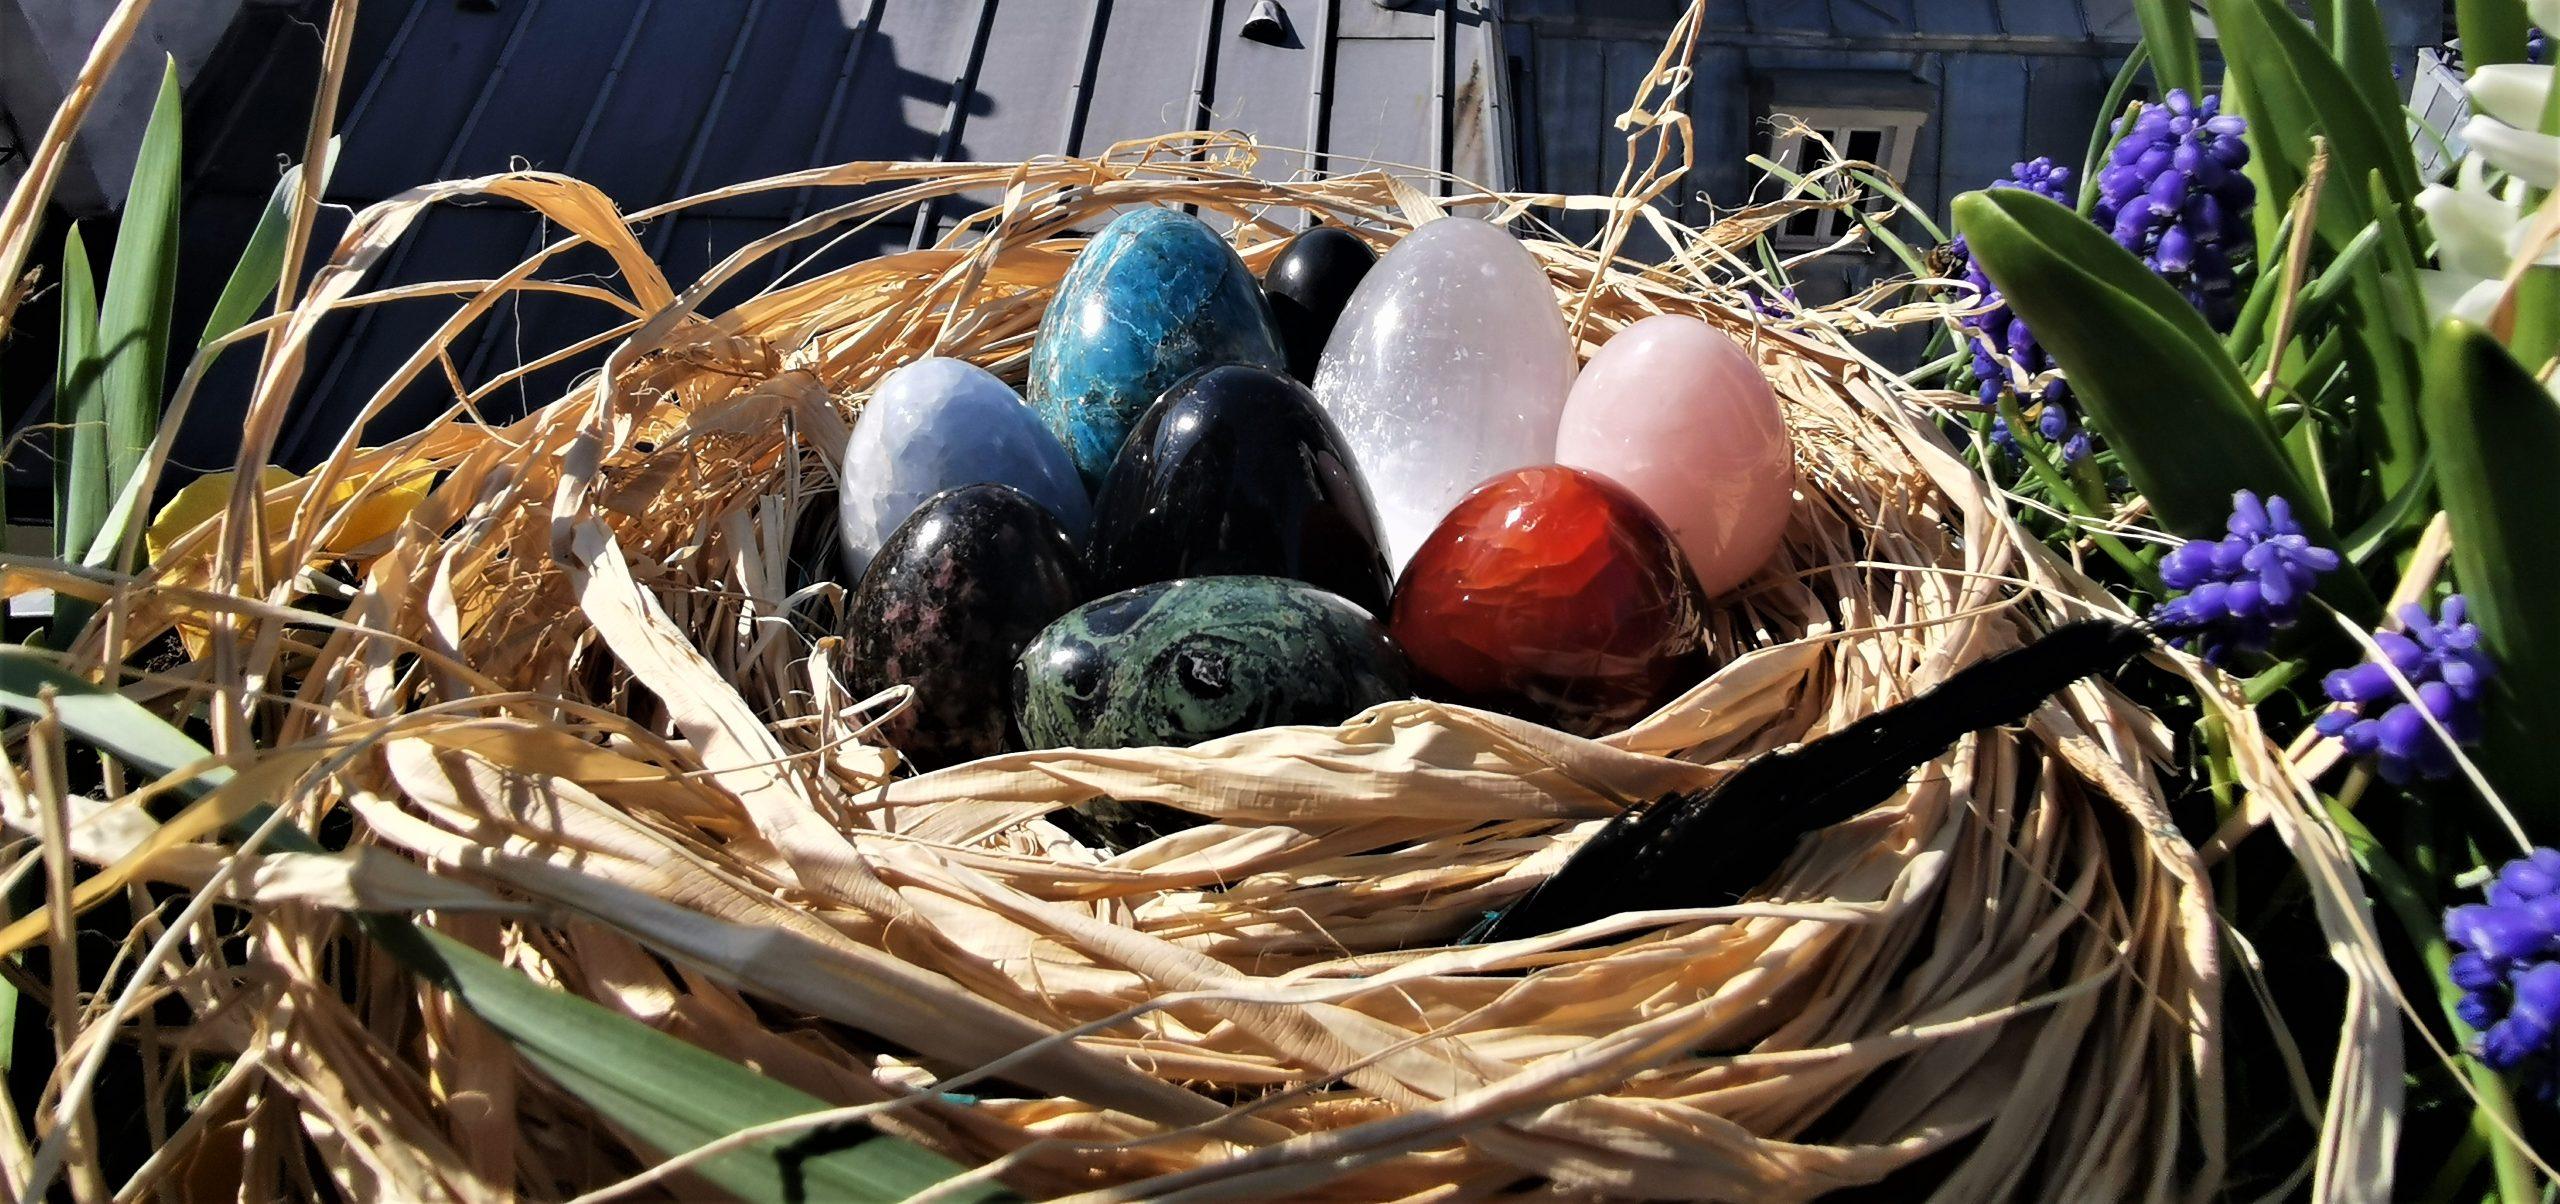 œufs en pierre MES INDES GALANTES PARIS